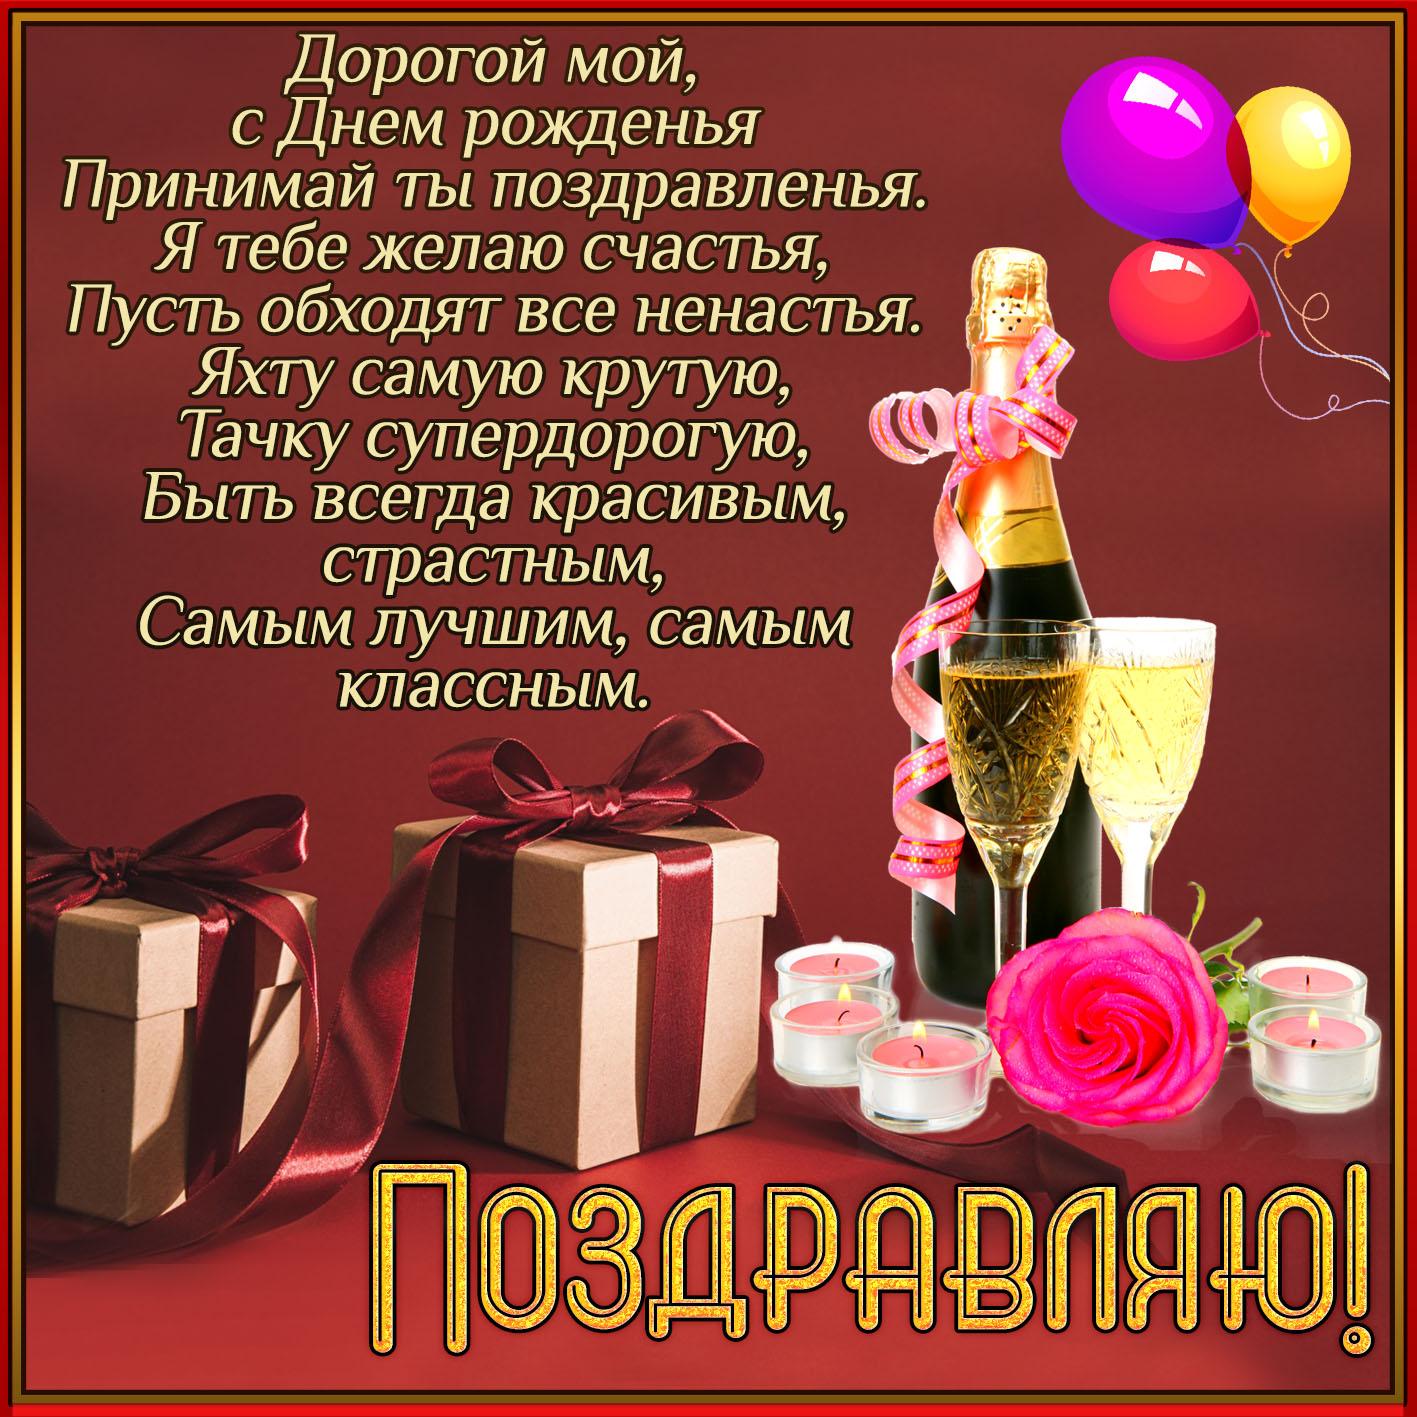 песни сердцах красивые поздравления для любимого с днем рождения воротами катя всерьез